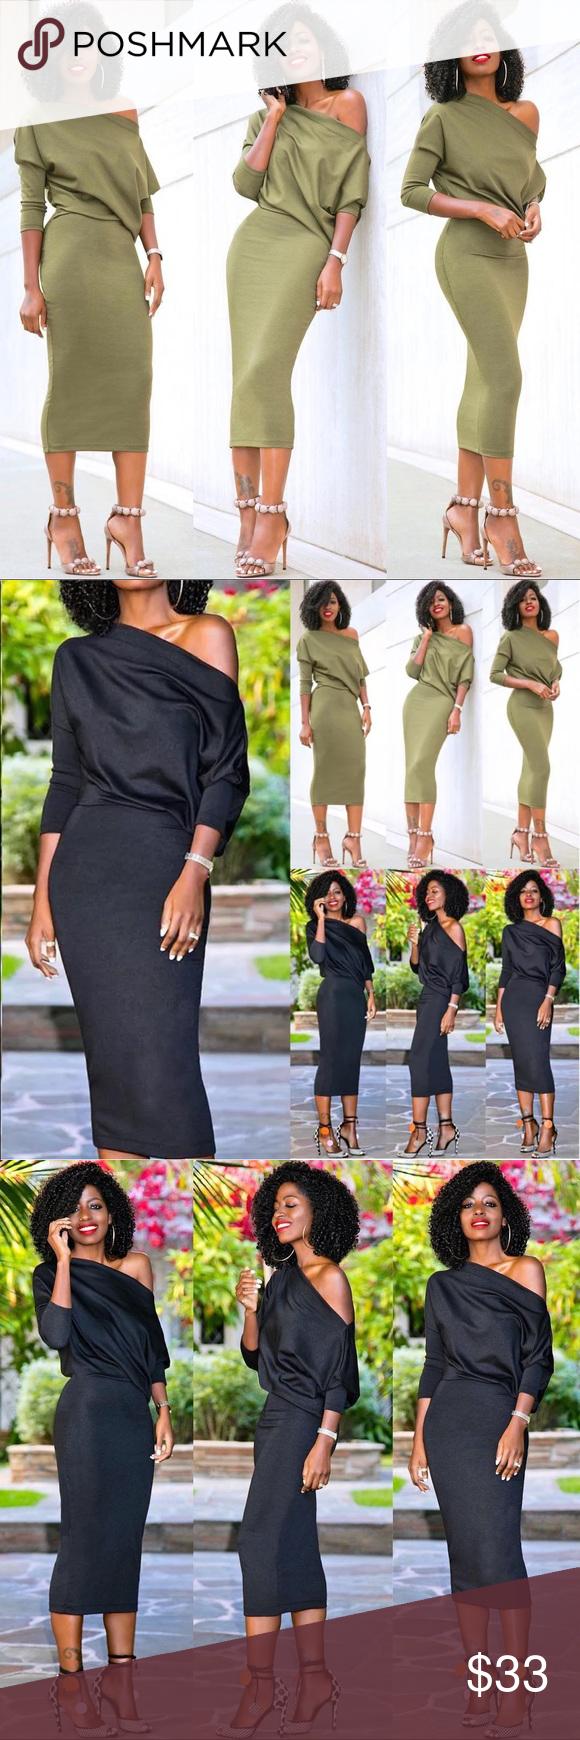 Dress long dress fashion design neckline and shoulder